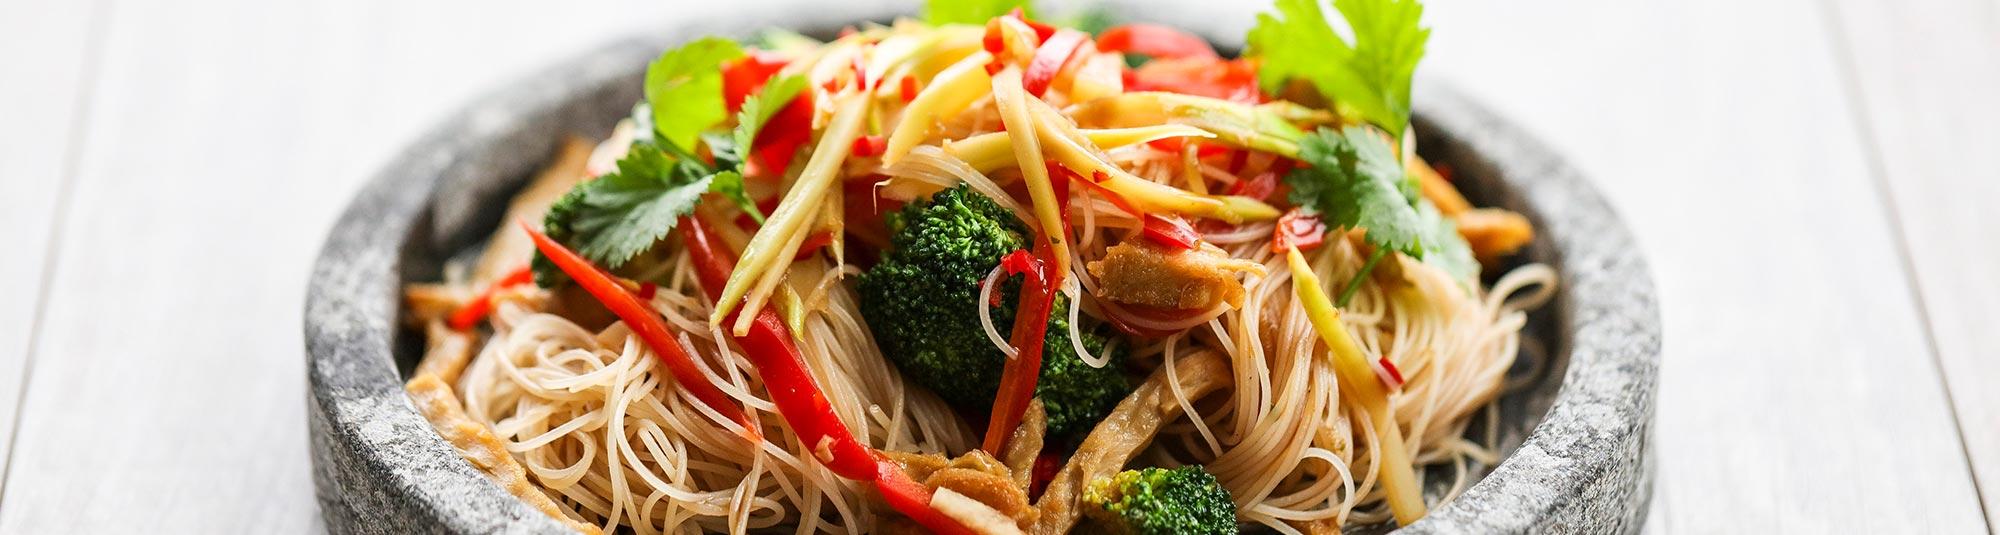 En wok med Pease strimlor, risnudlar, röd paprika och broccoli.